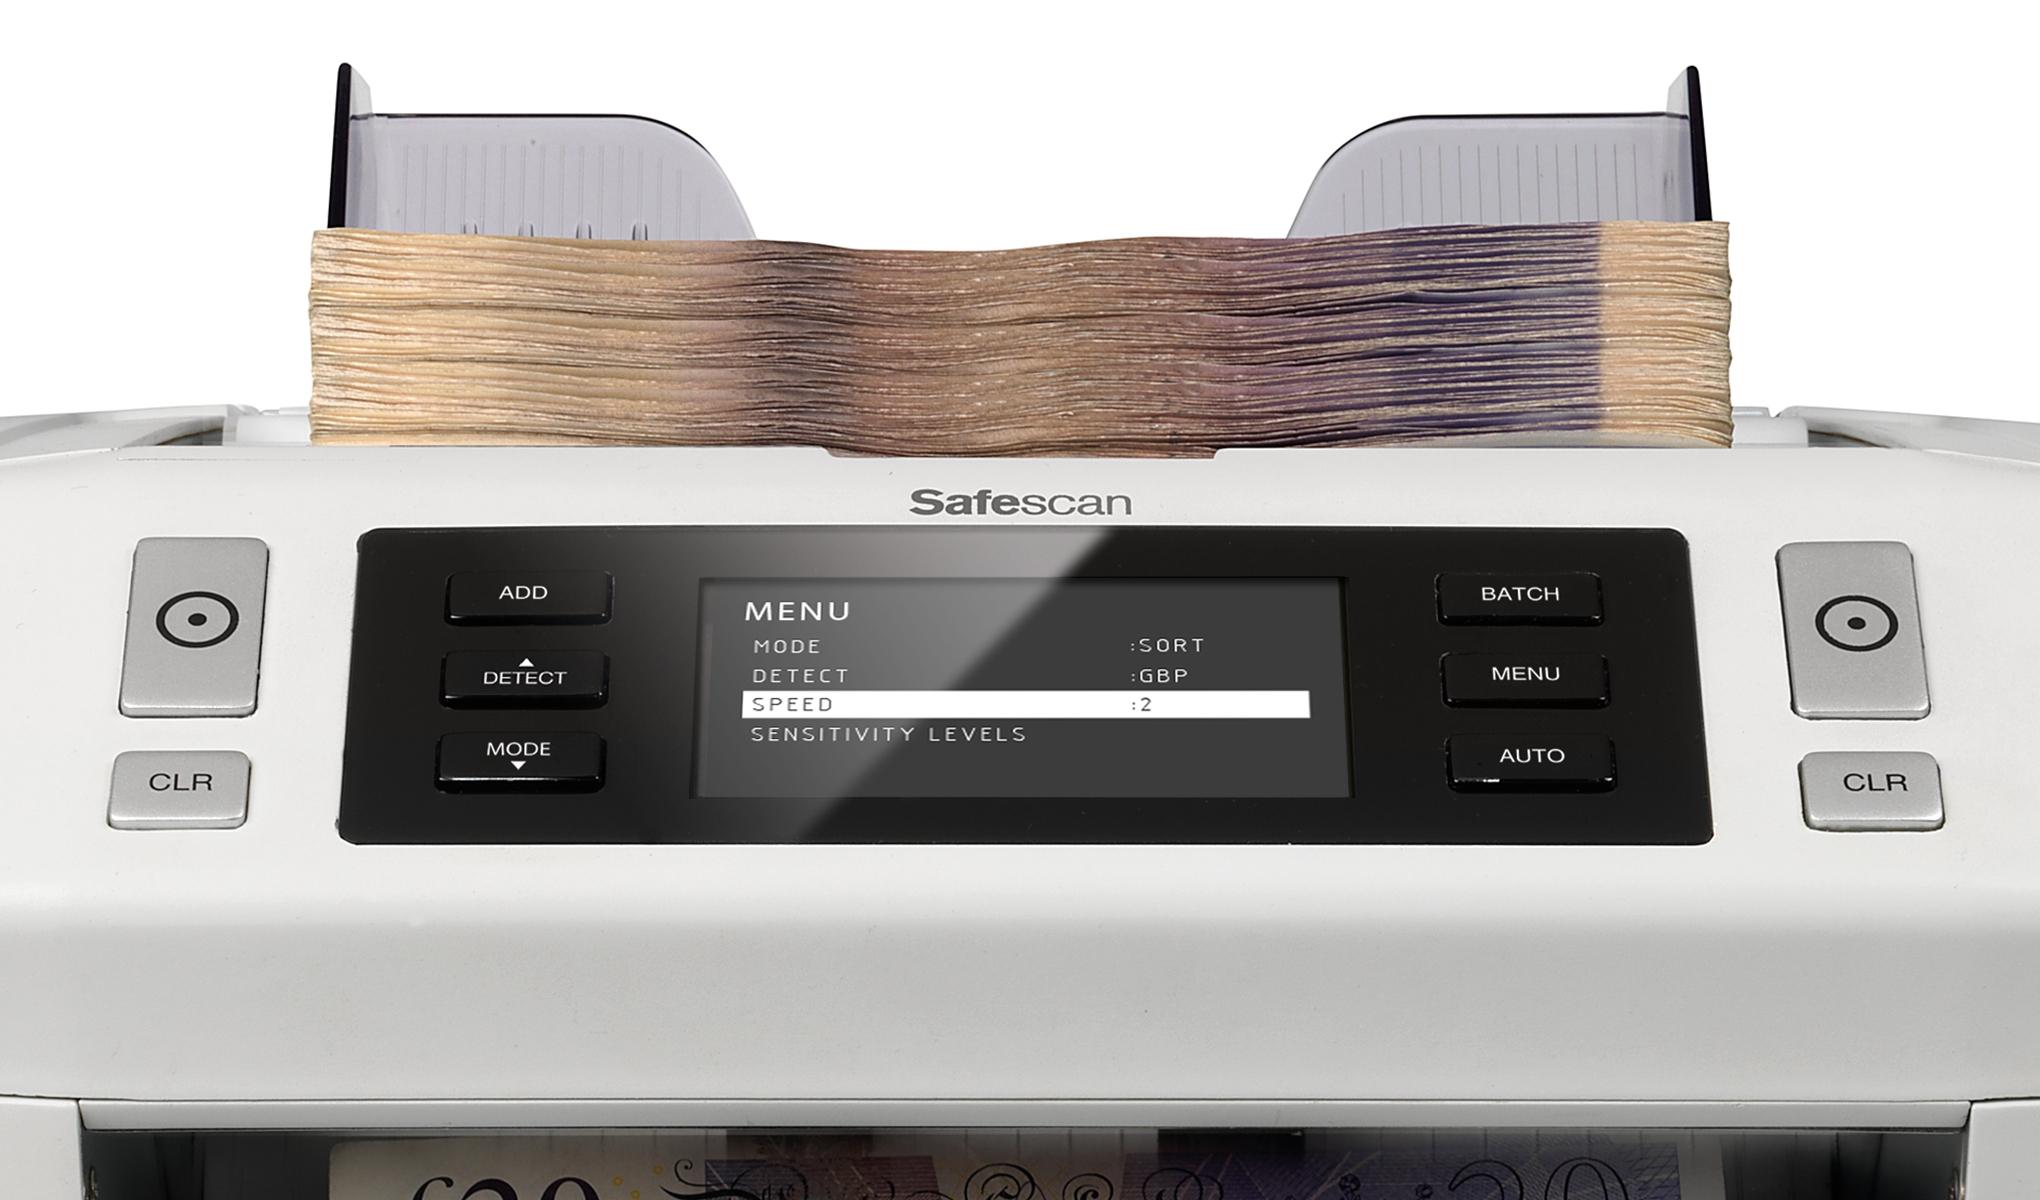 safescan-2650-money-counter